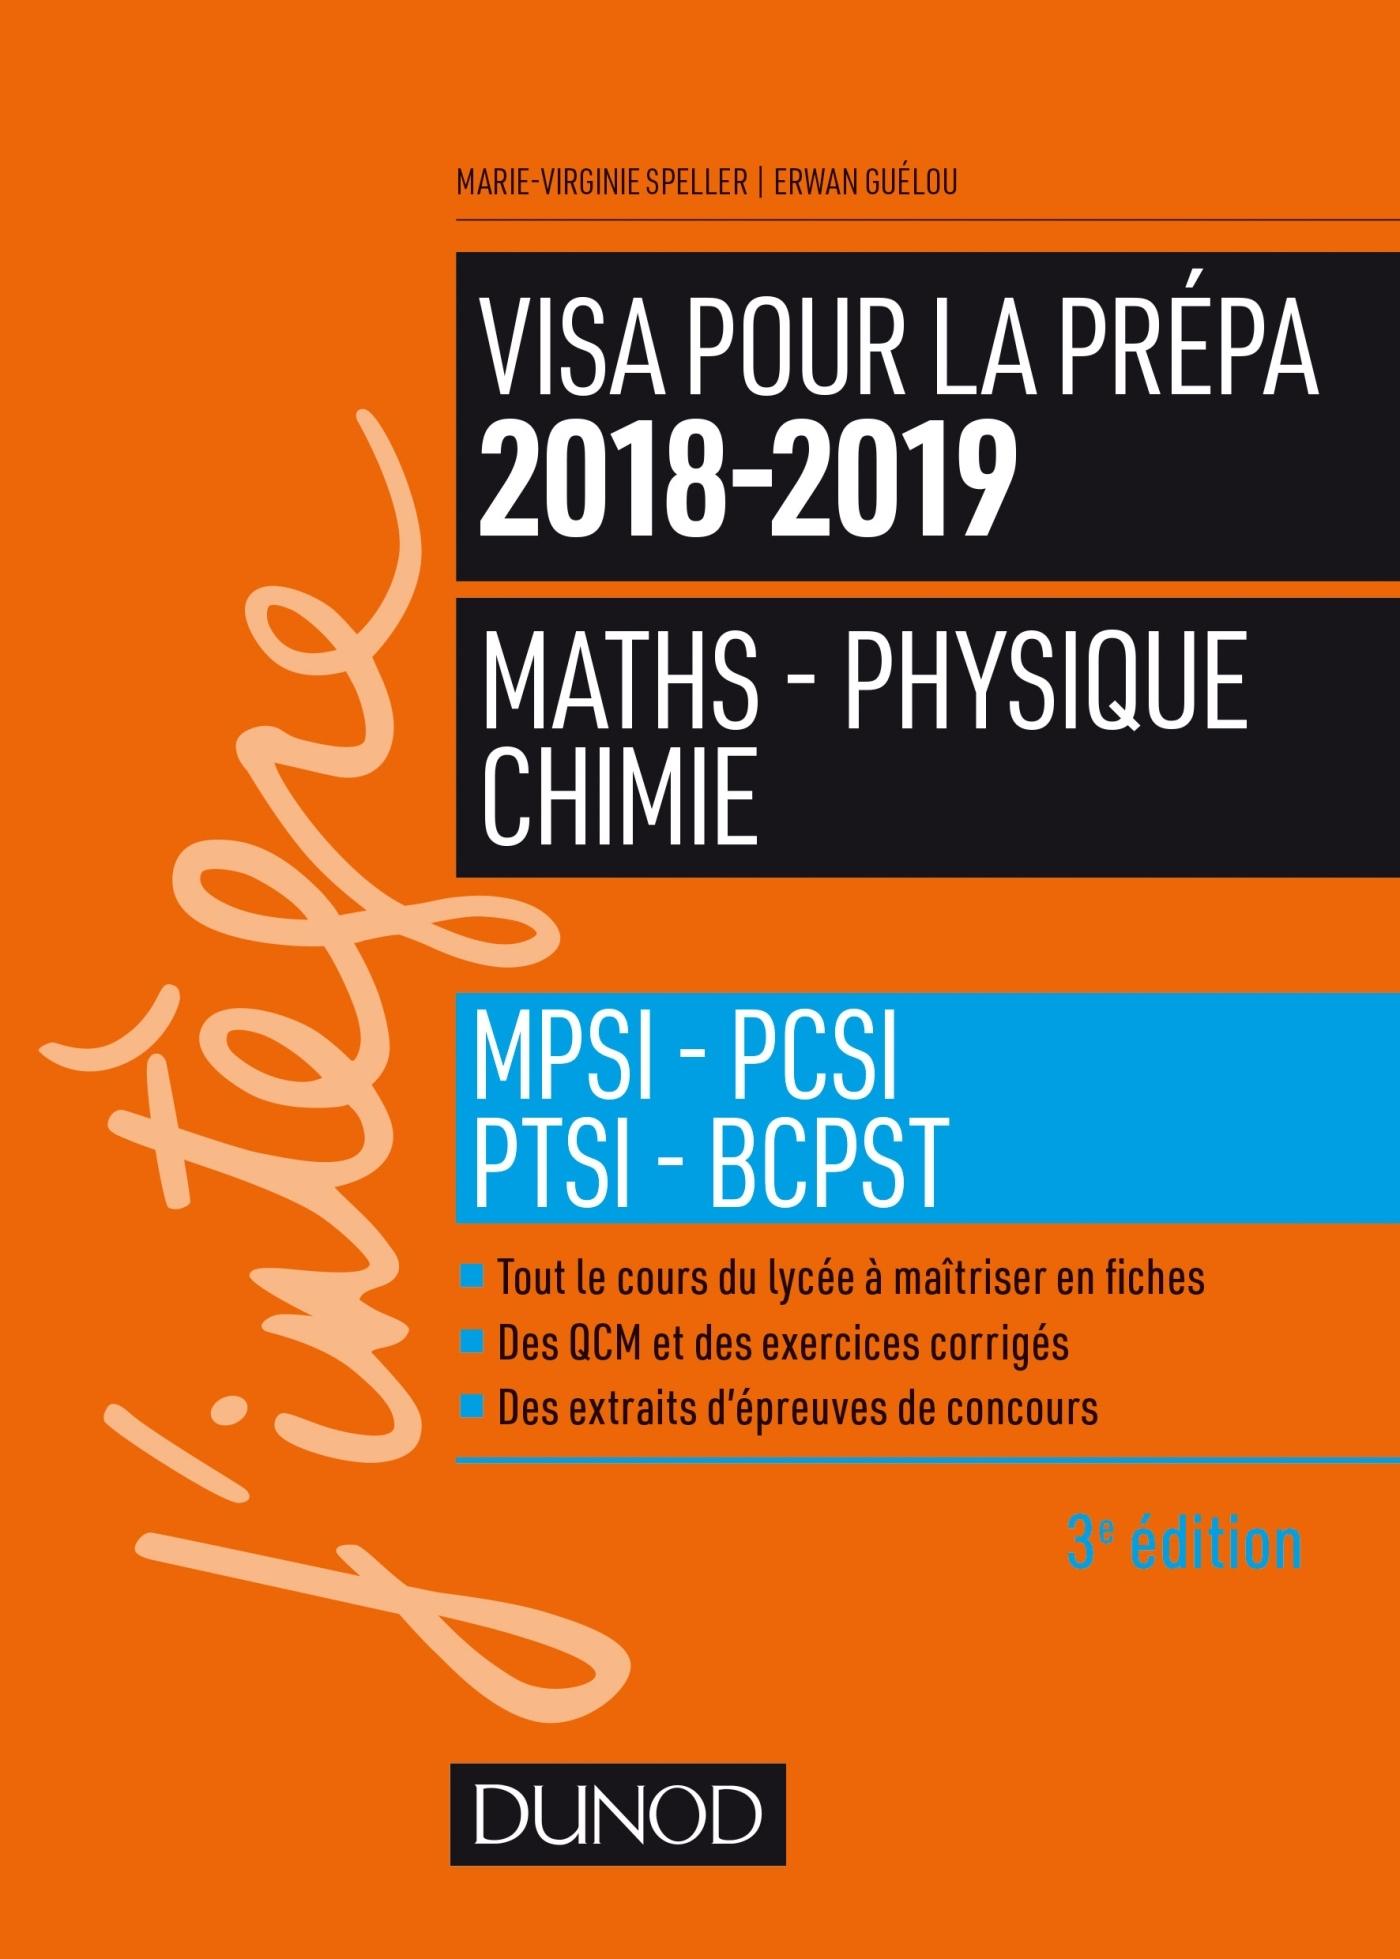 VISA POUR LA PREPA 2018-2019 - MATHS-PHYSIQUE-CHIMIE - MPSI-PCSI-PTSI-BCPST